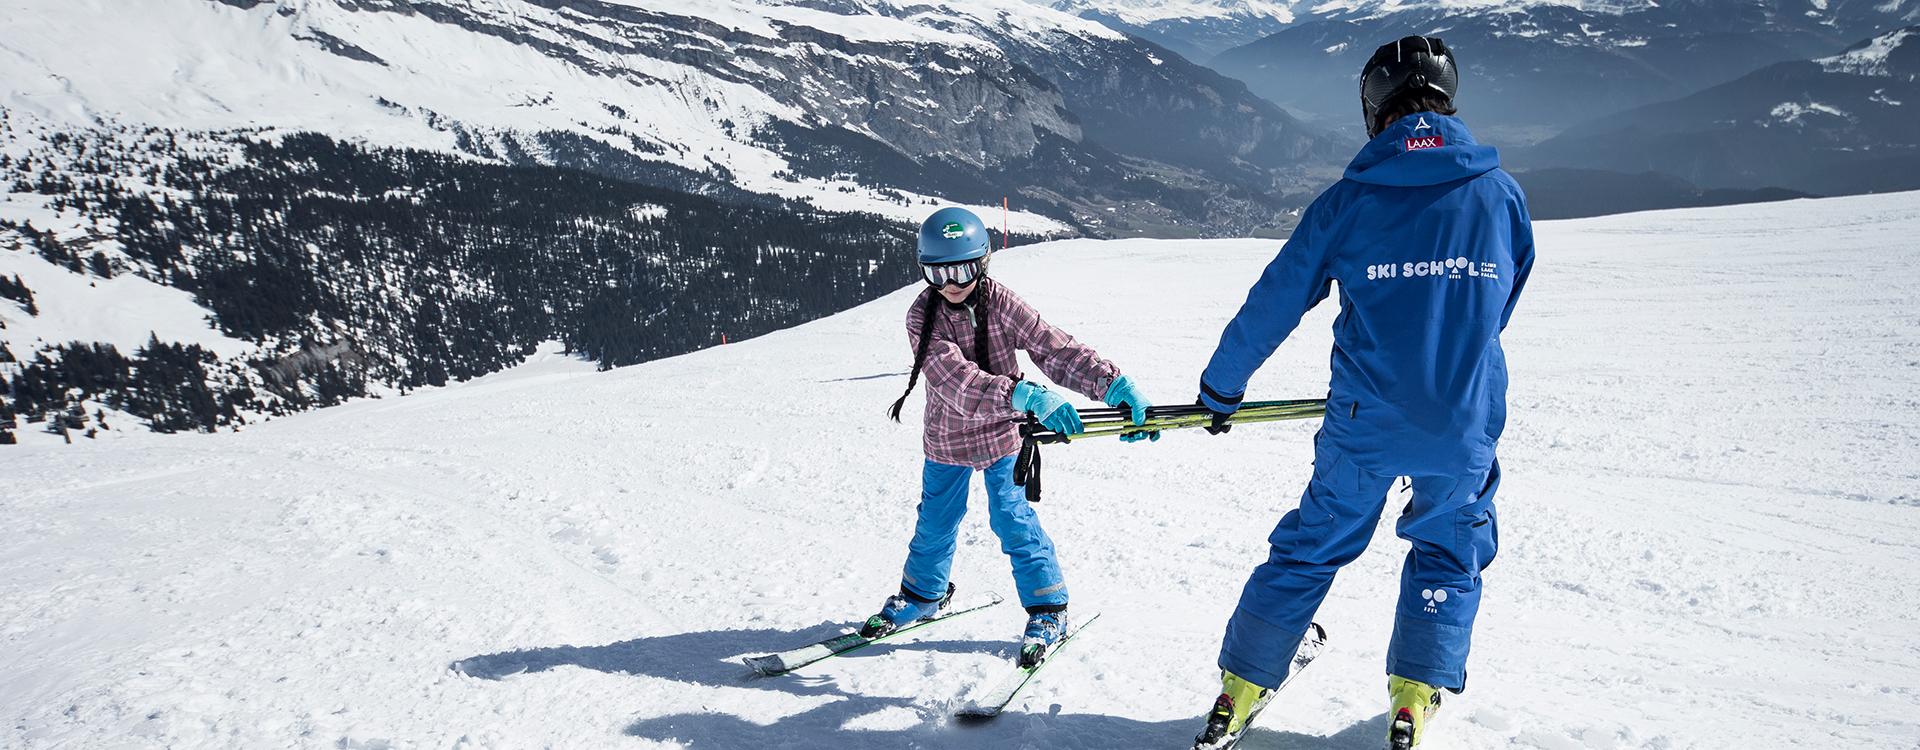 Skifahren lernen in fünf schritten zum sicheren schwung